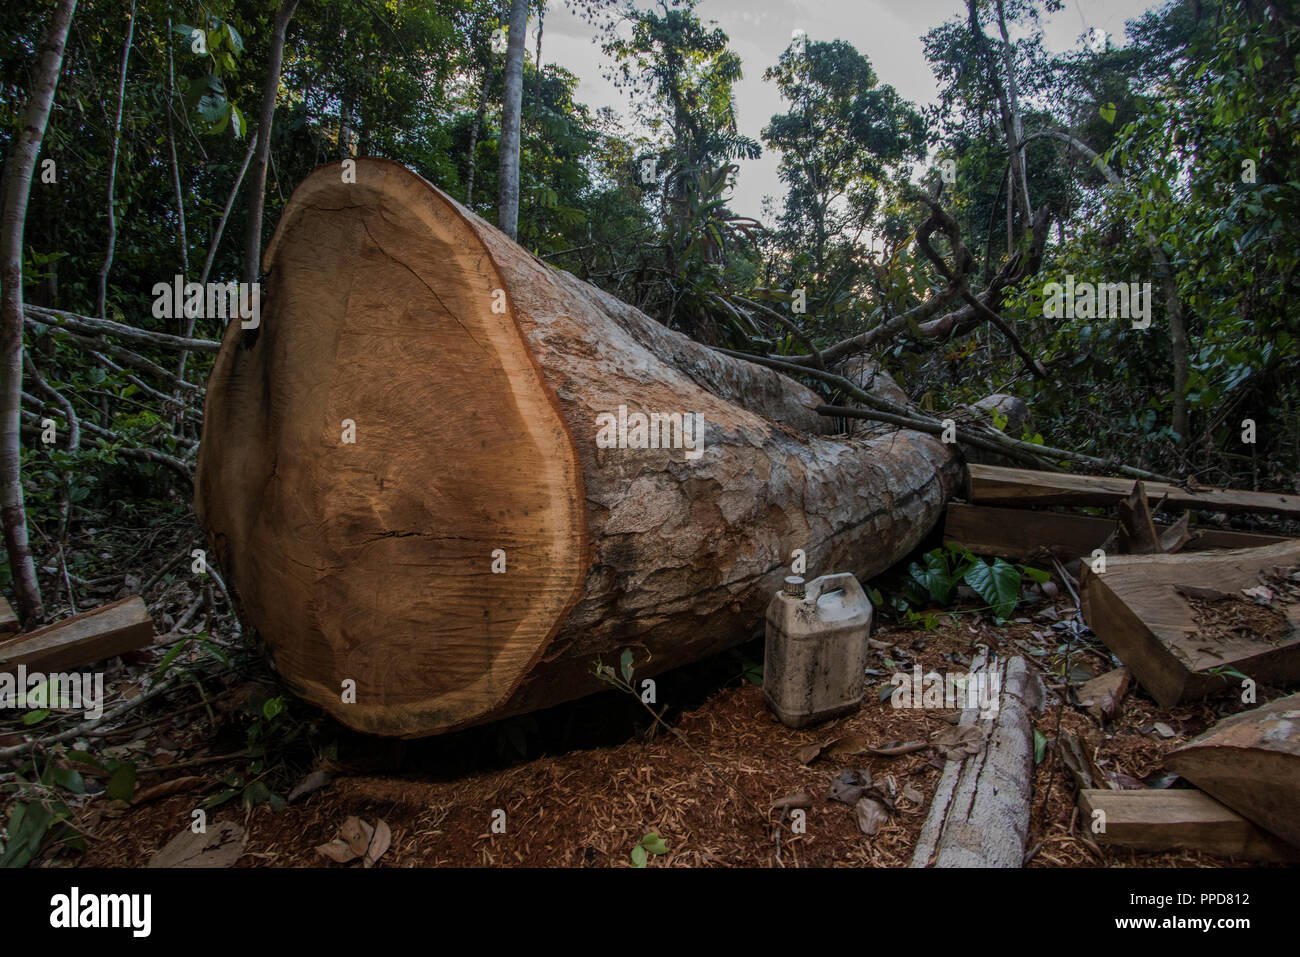 Un sitio de registro en Madre de Dios, Perú. La tala ilegal es una enorme amenaza para la selva amazónica. Aquí un árbol de madera madura ha sido talados. Imagen De Stock